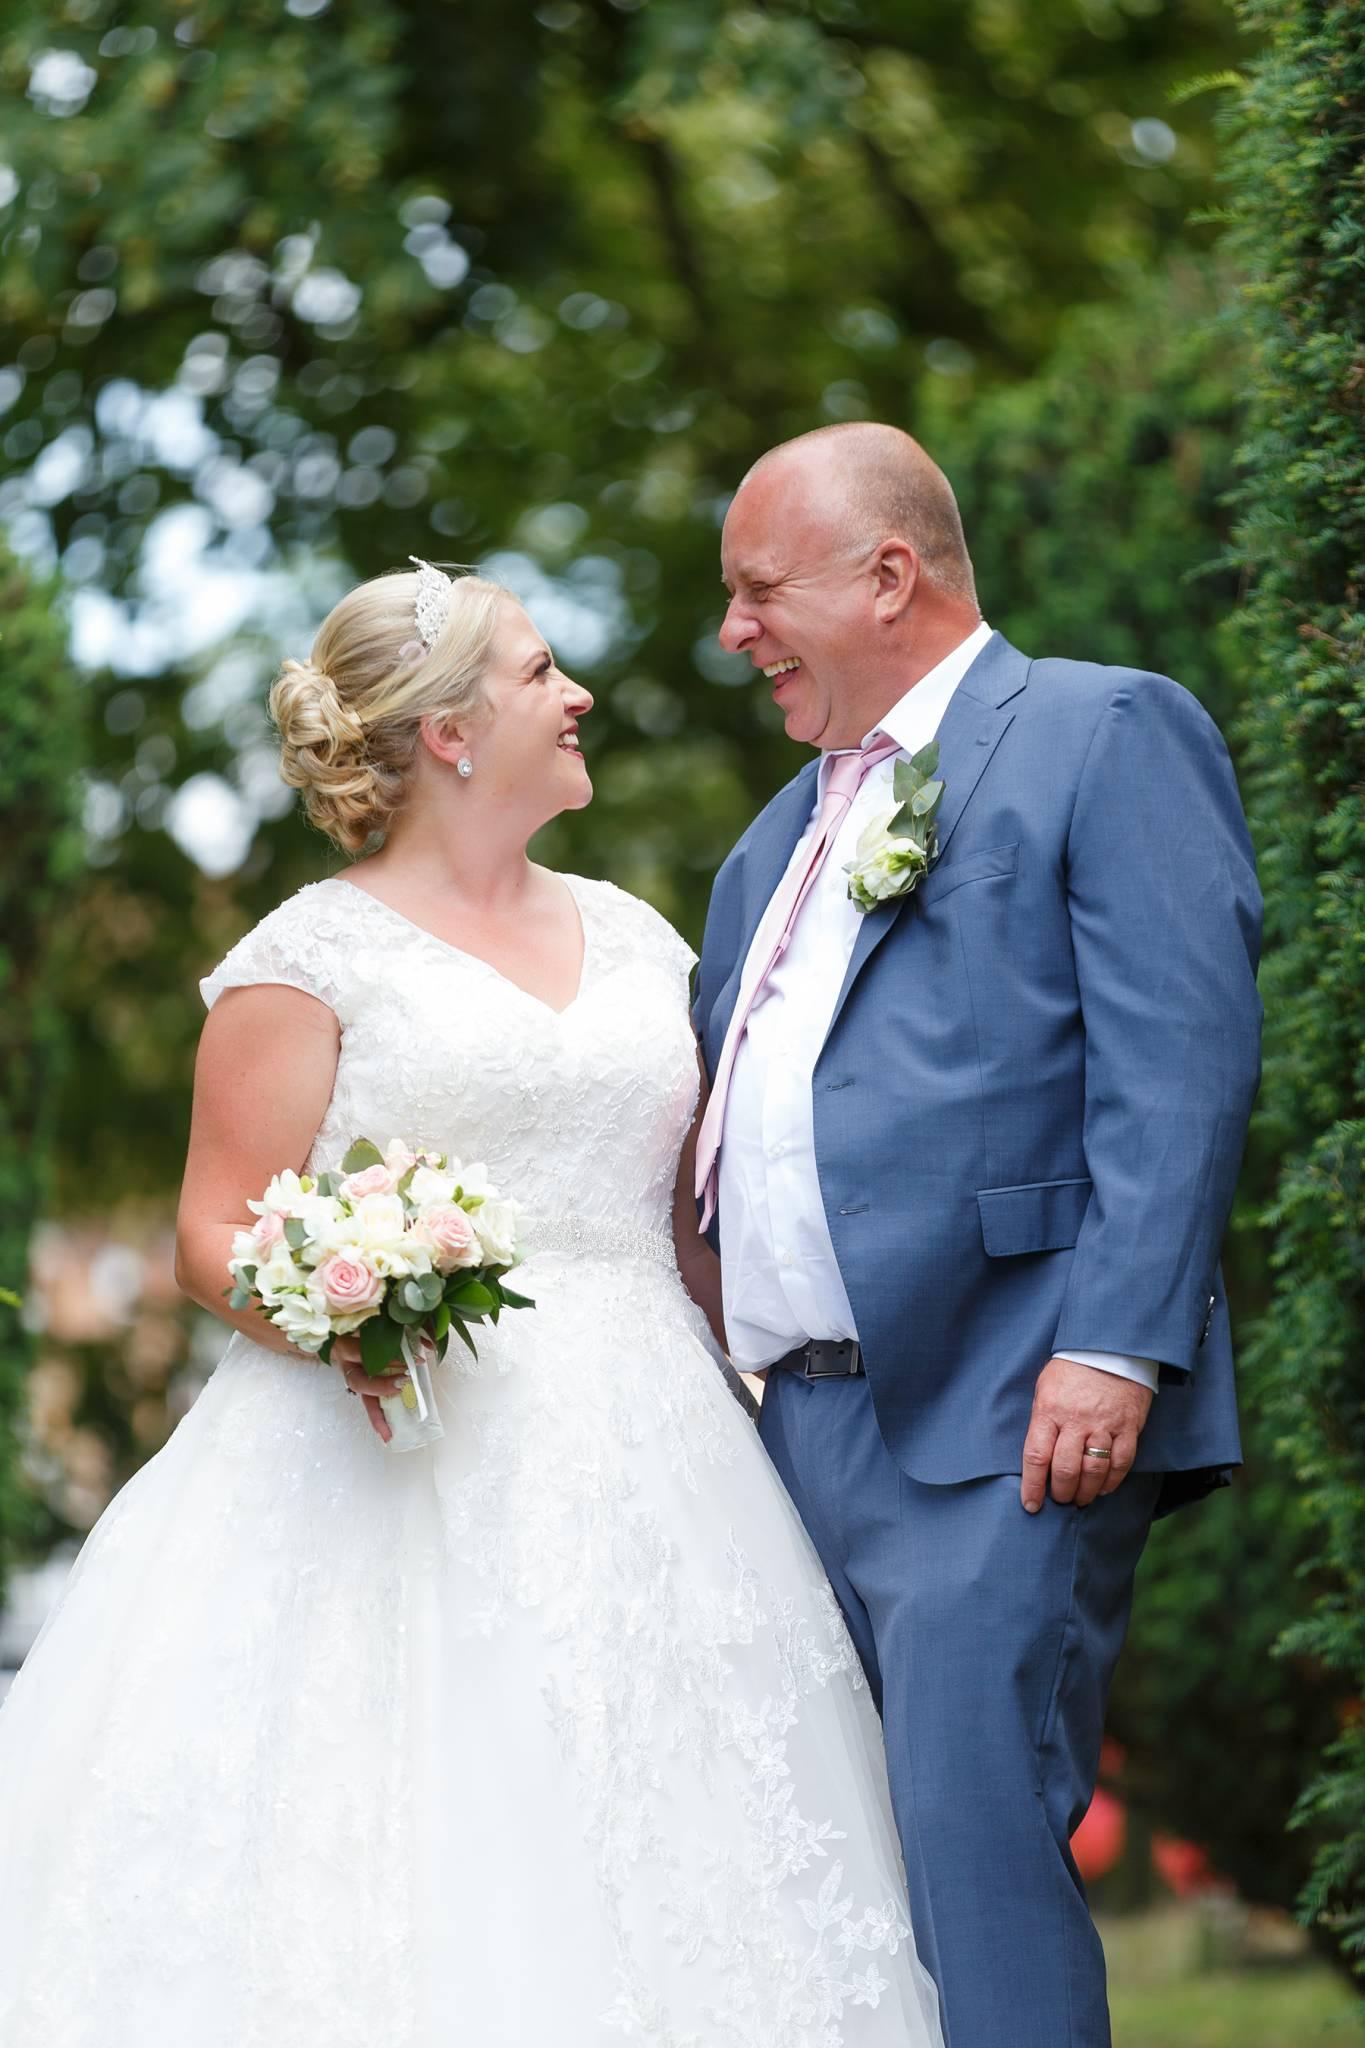 wedding photographer, wedding photographer, Beaconsfield Registry office, high wycombe, buckinghamshire, bucks